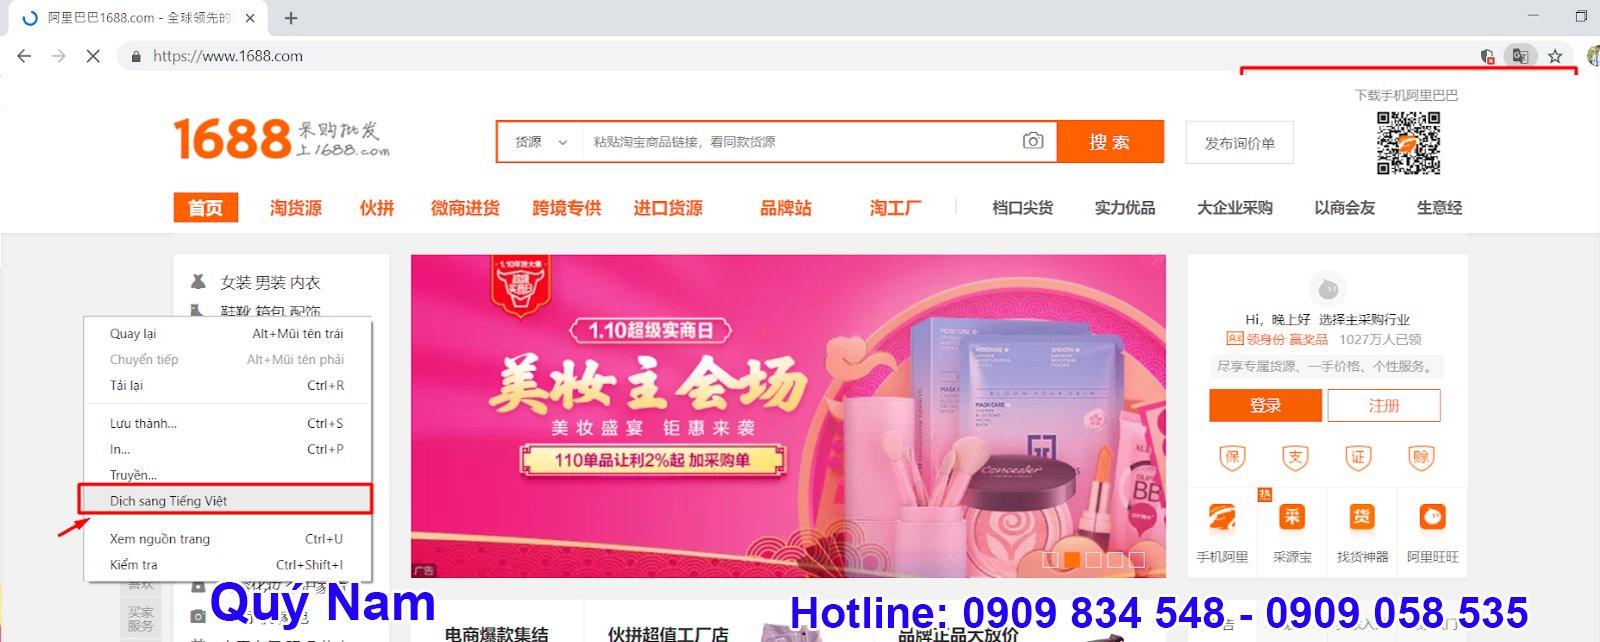 Bạn cũng có thể chỉ cần nhấp chuột phải rồi chọn dịch sang tiếng Việt để có giao diện 1688 tiếng Việt